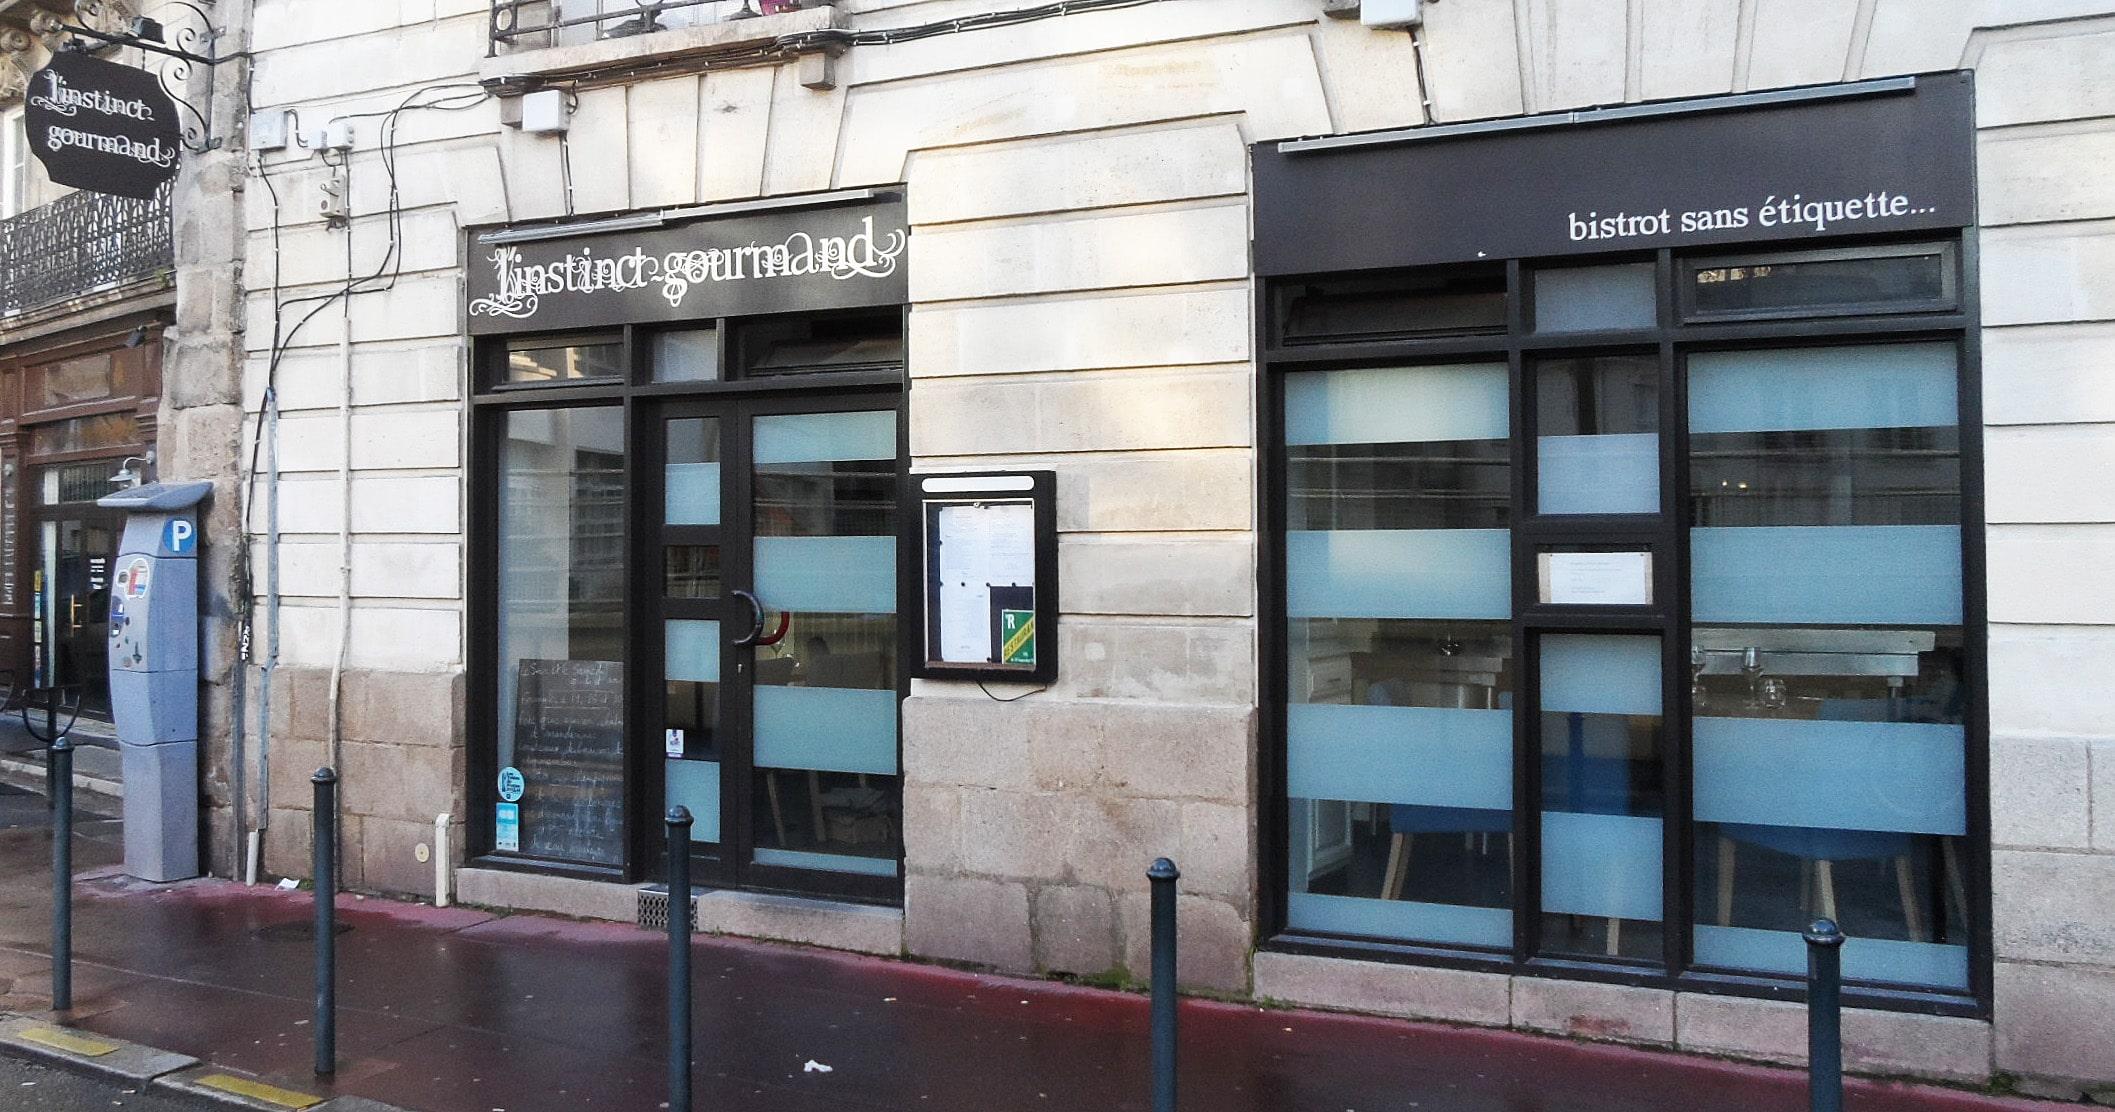 L'Instinct gourmand, bistrot « sans étiquette » mais plein de charme à Nantes